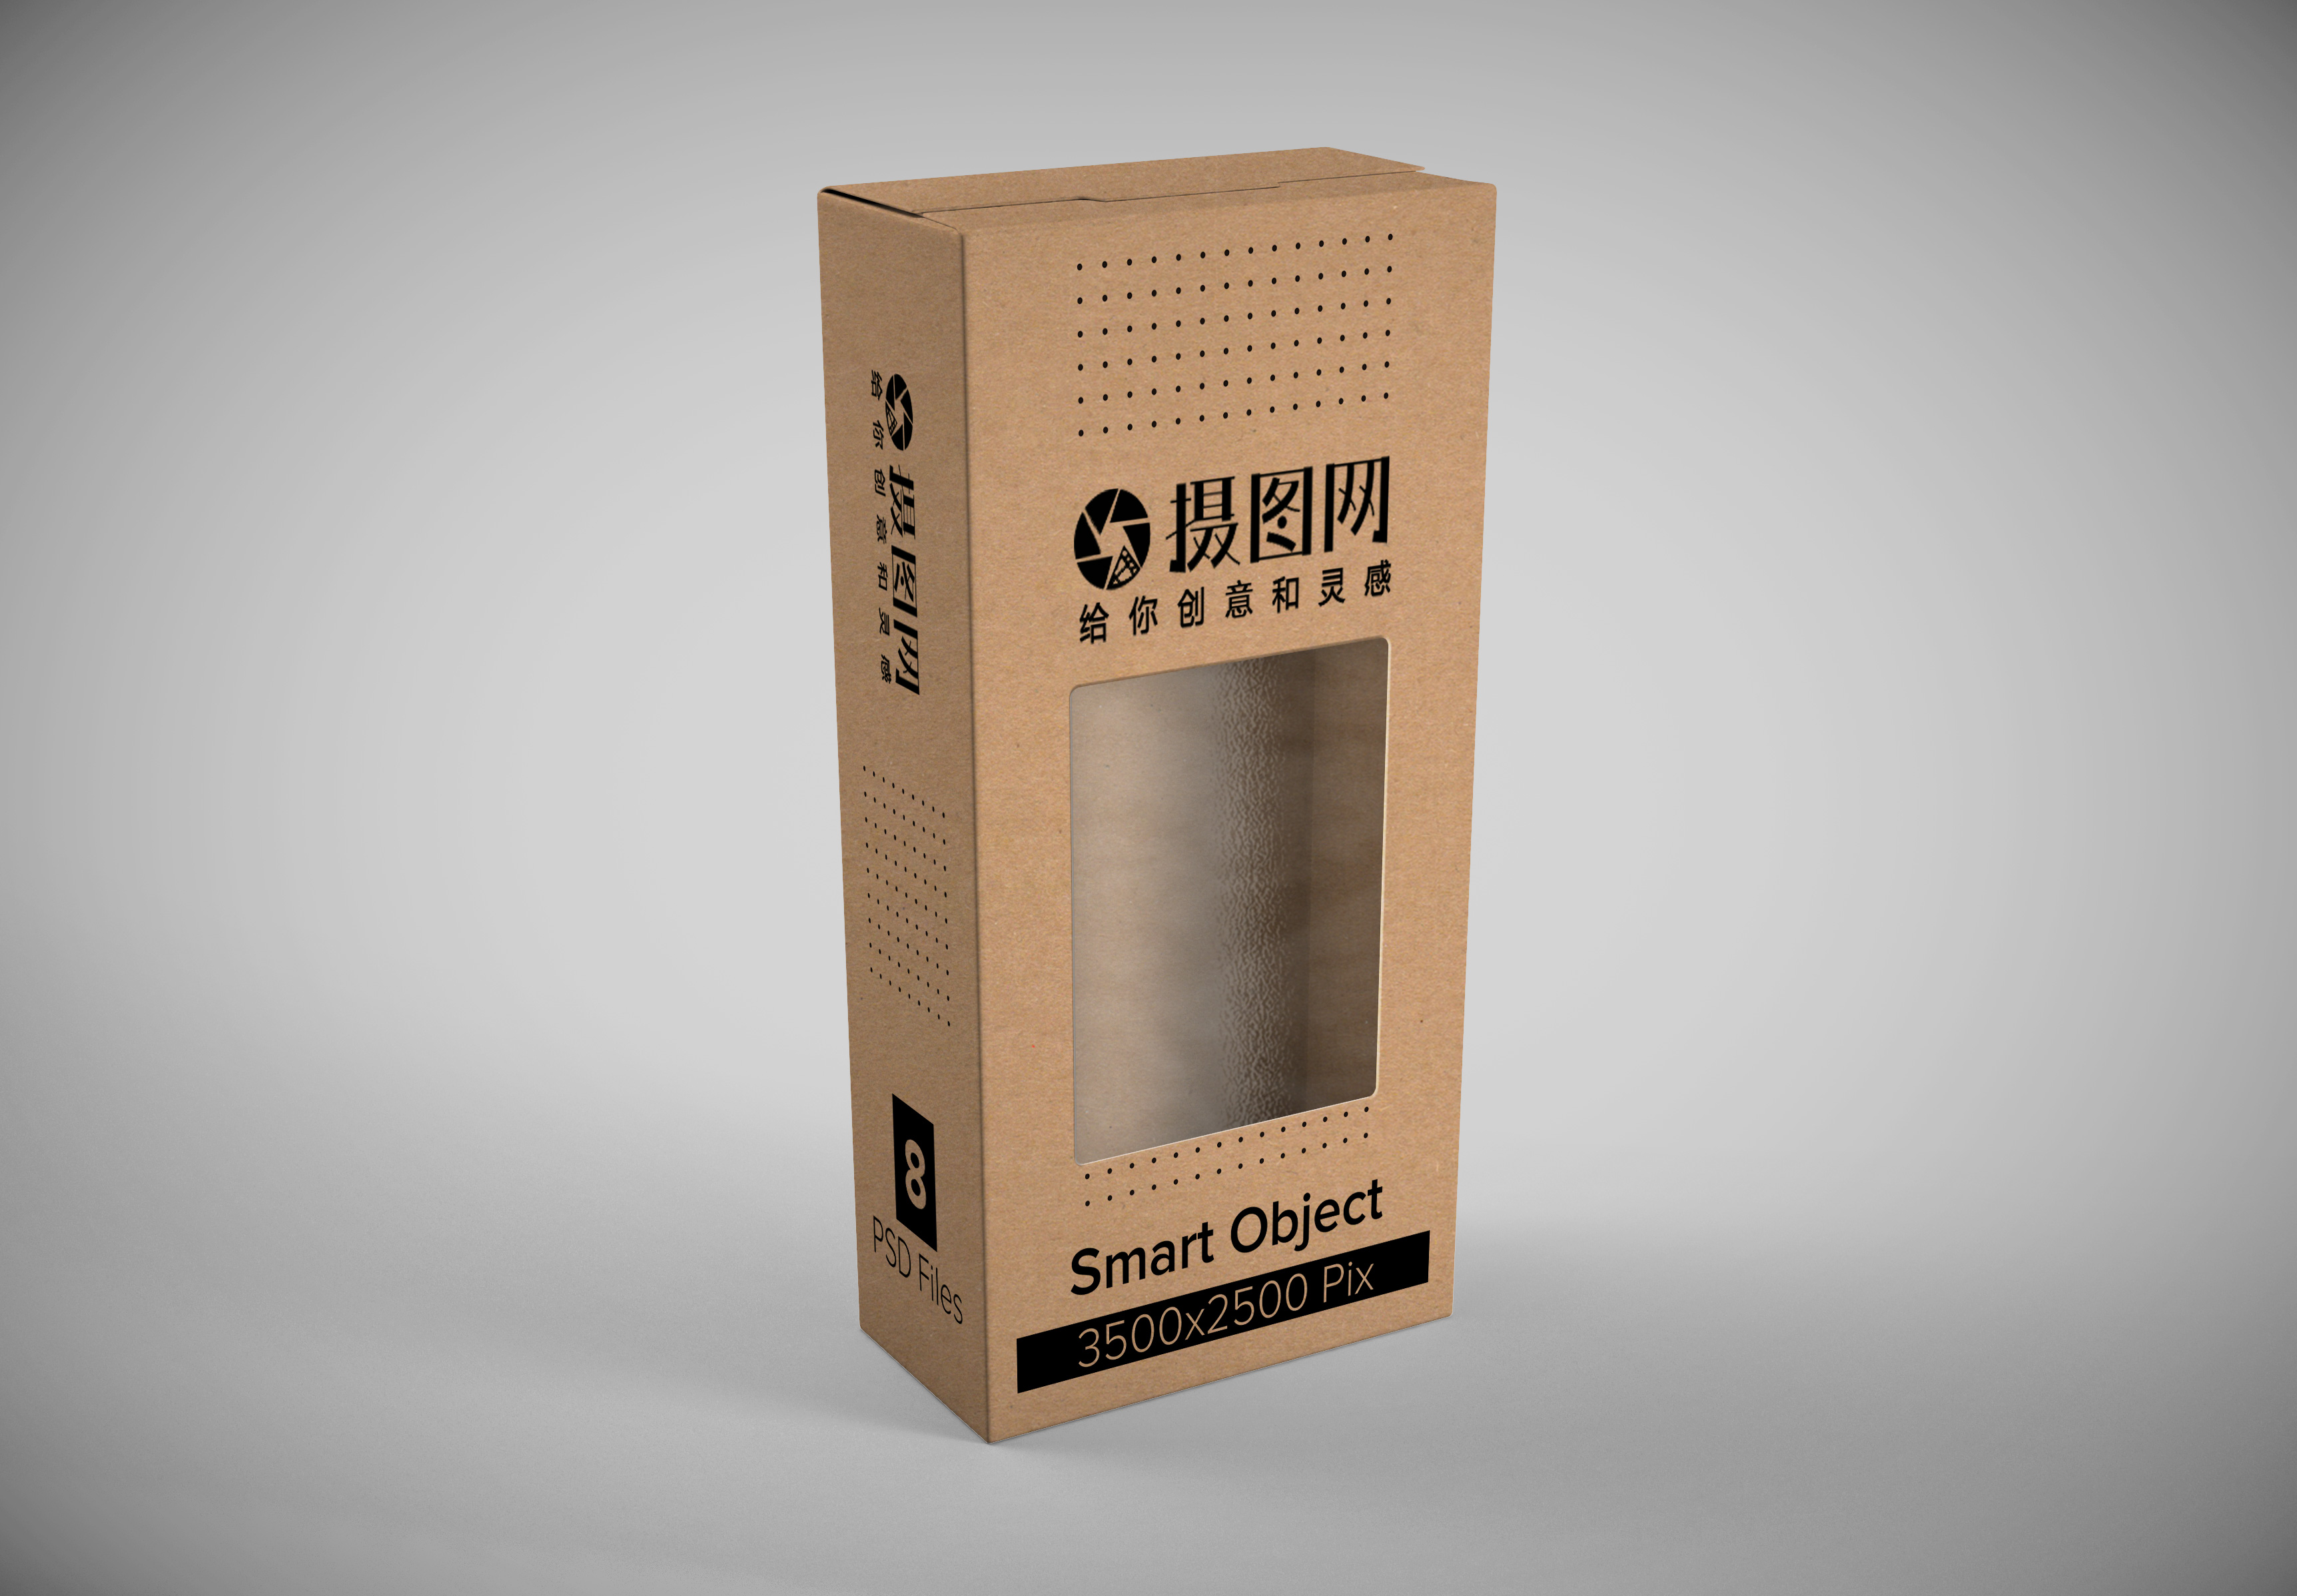 鏤空紙盒包裝設計圖片素材編號400770185_prf高清圖片